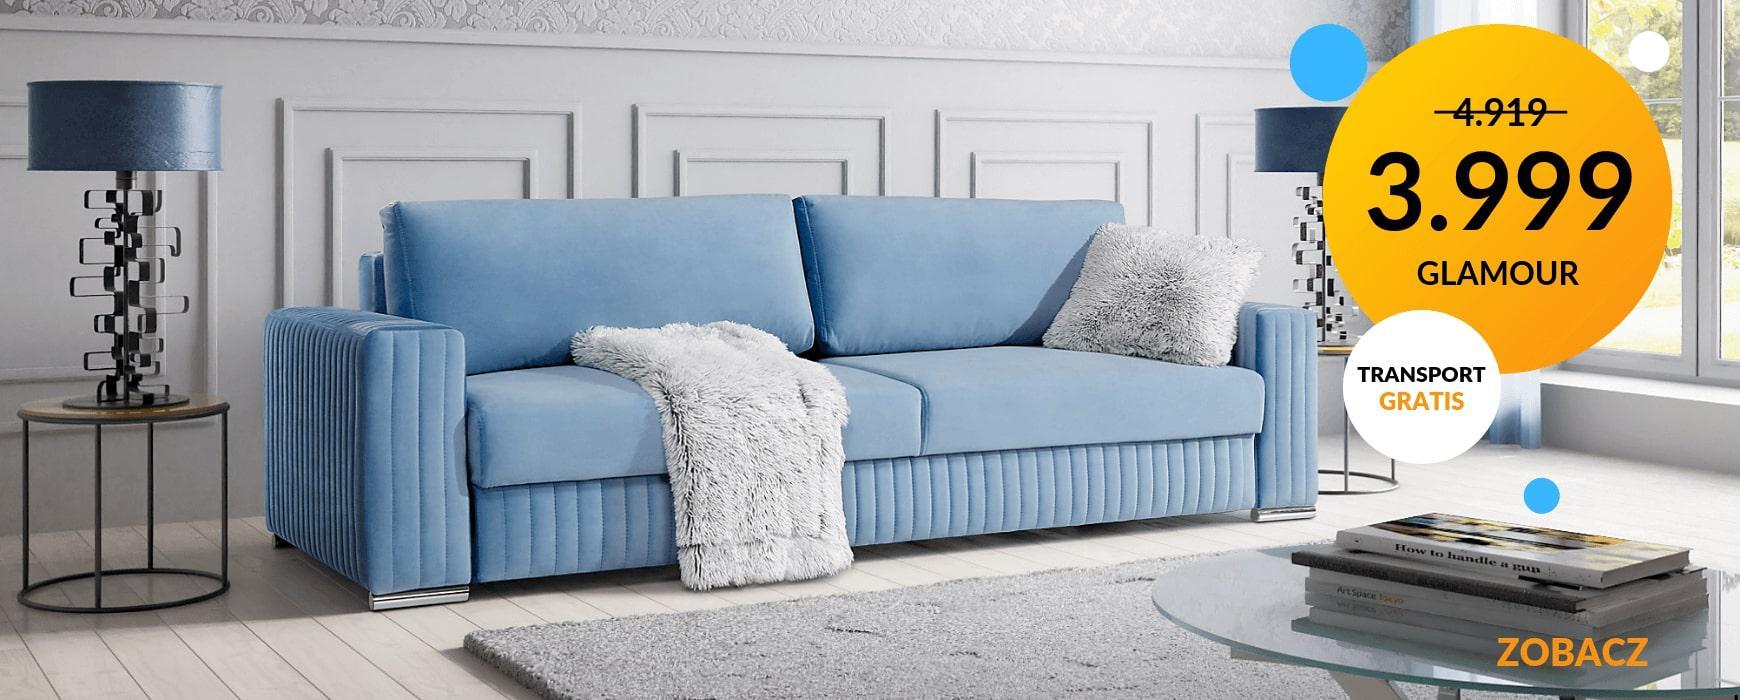 Piękna i wybitnie komfortowa sofa GLAMOUR z funkcją spania i pojemnikiem taniej o VAT! Transport gratis. Oferta dostępna w kilkunastu kolorach.